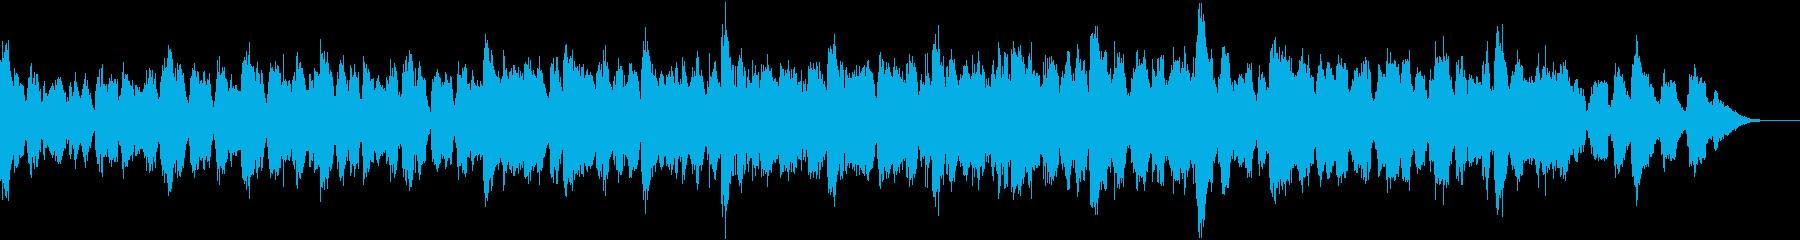 ホラー映画のクライマックスシーンの再生済みの波形